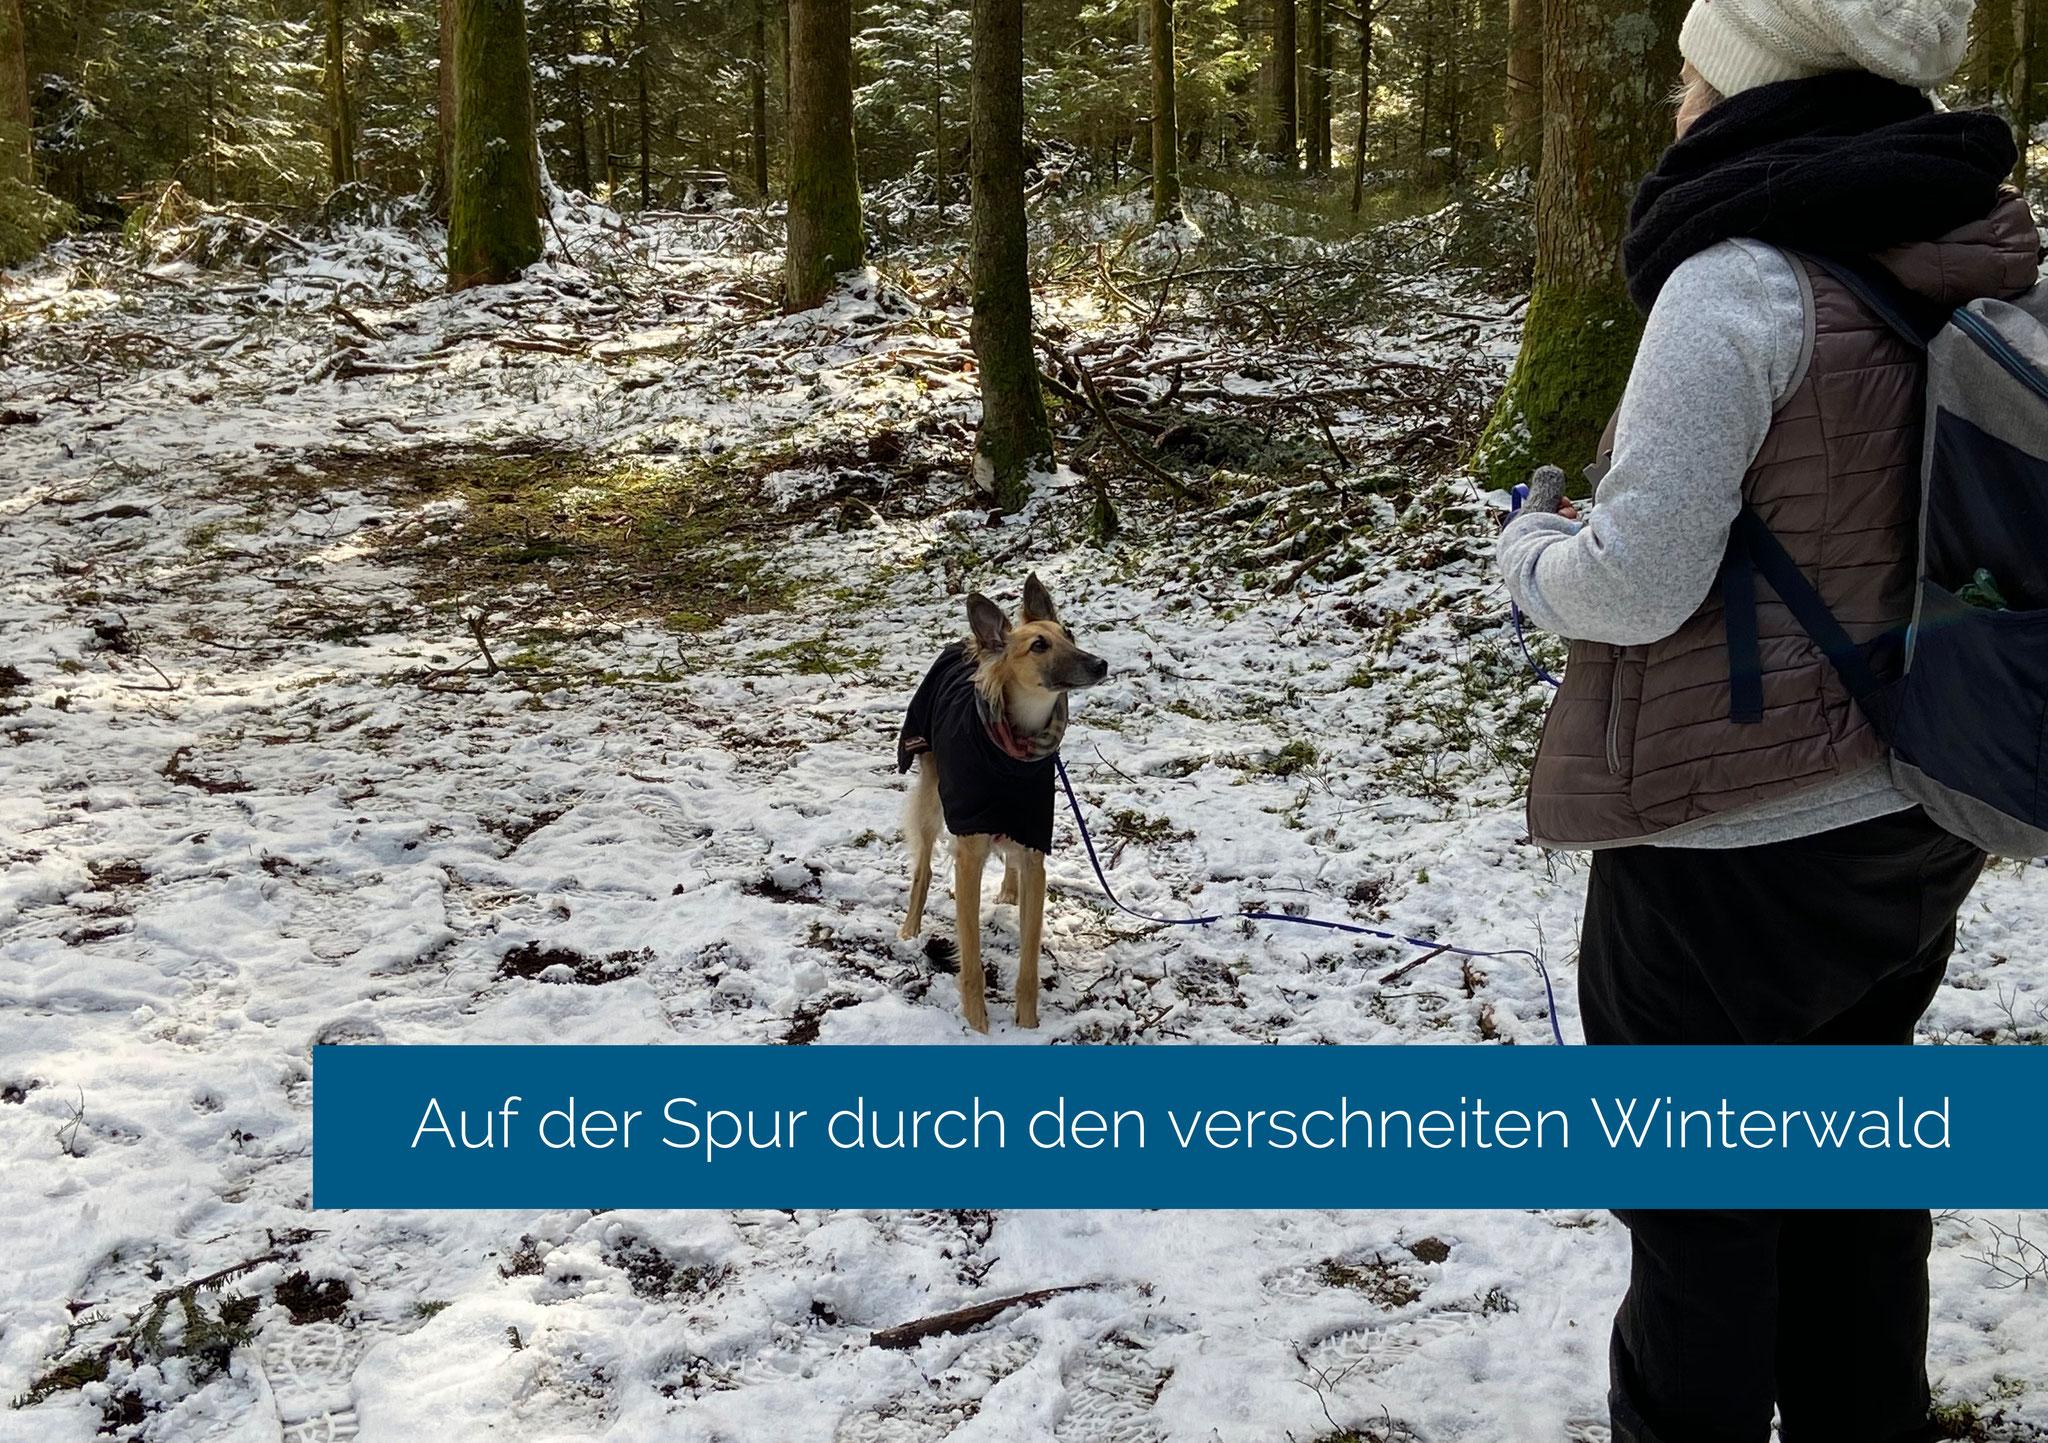 Auf der Spur durch den verschneiten Winterwald